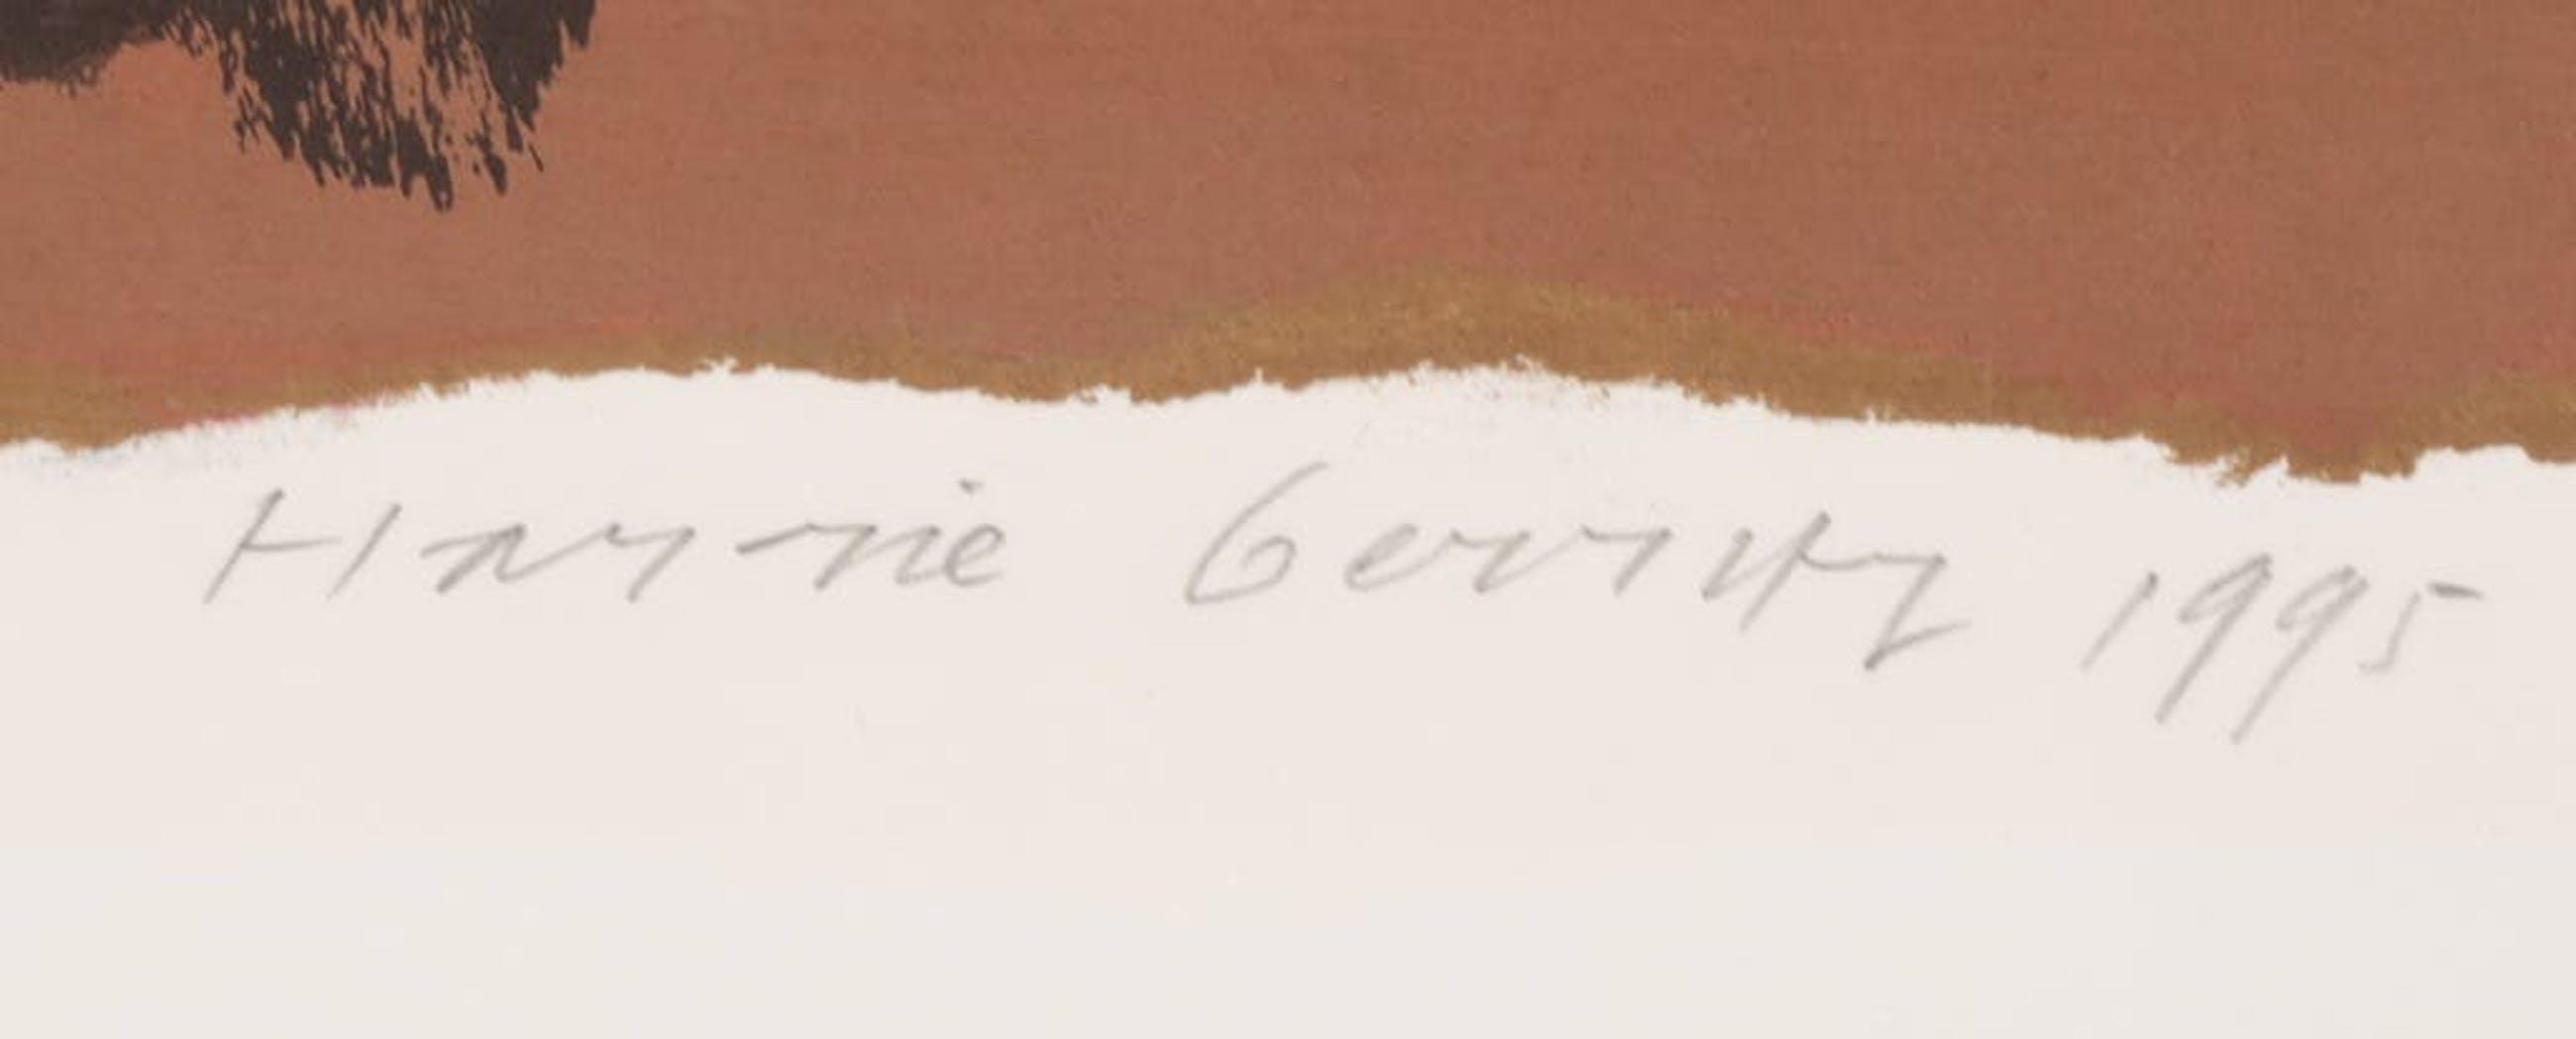 Harrie Gerritz - Harrie Gerritz: Zeefdruk, Zonder titel kopen? Bied vanaf 35!